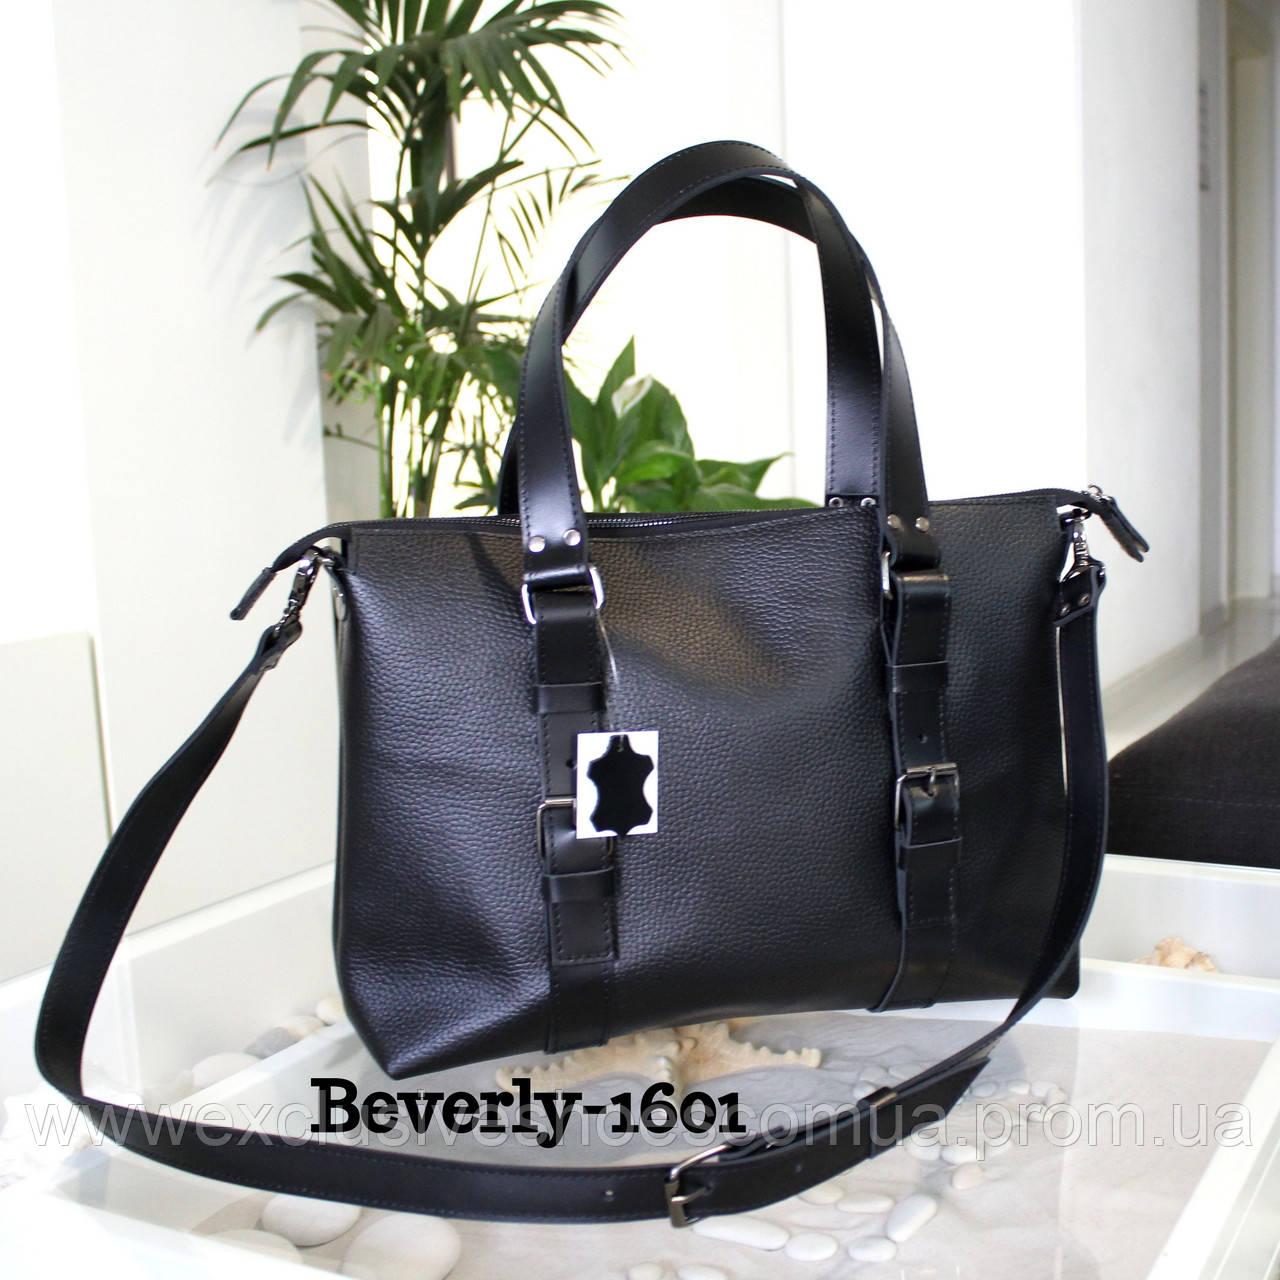 """Чоловіча шкіряна сумка """"Beverly"""" чорний флотар"""